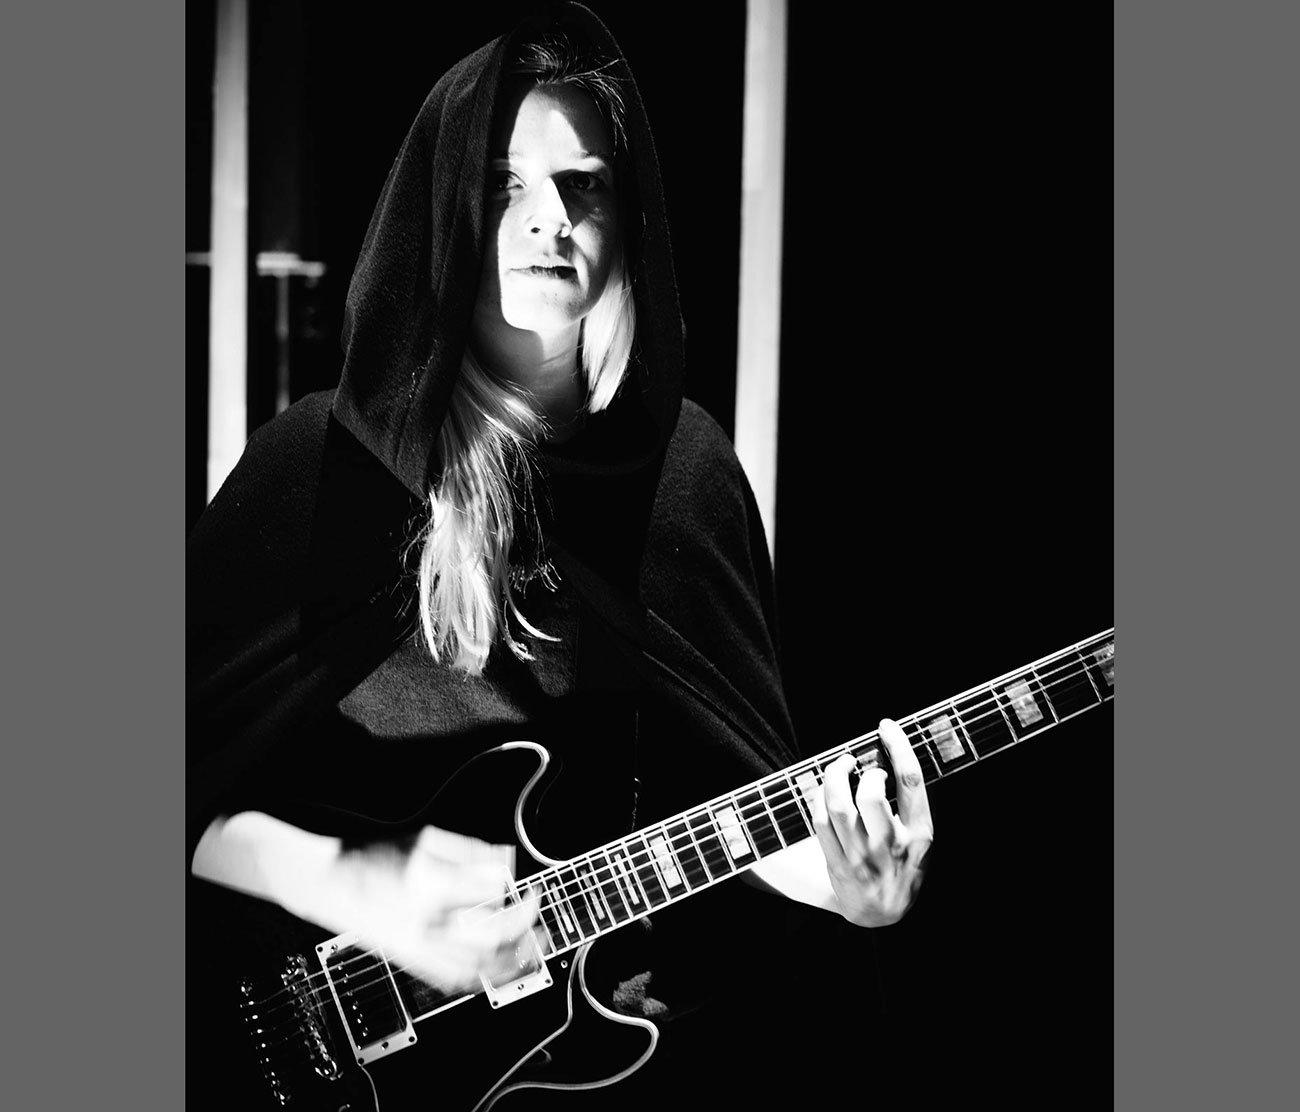 Franziska Staubli spielt Gitarre – aber das ist bei Weitem noch nicht alles.